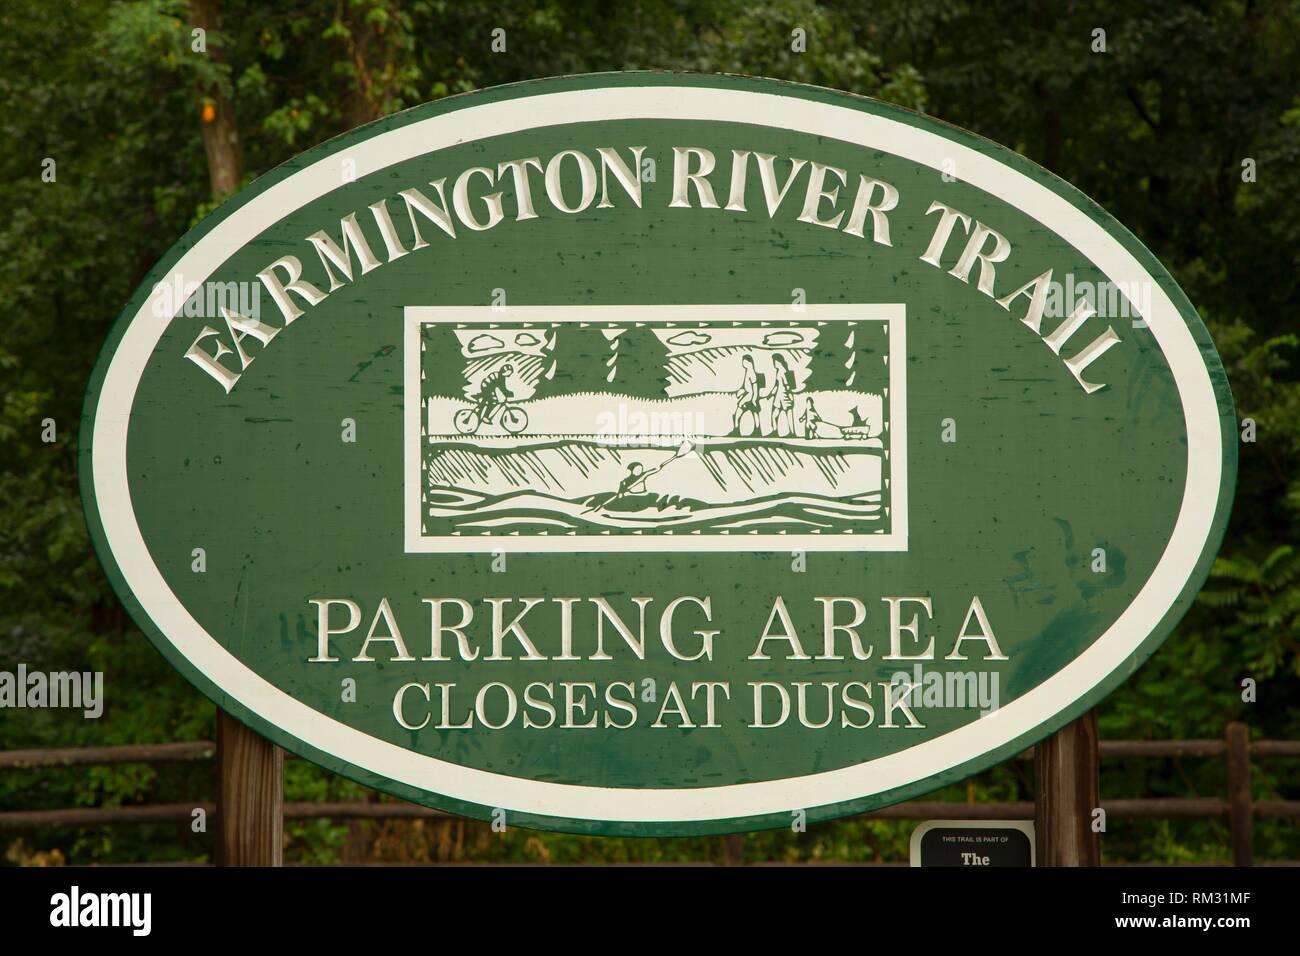 Entrance sign, Farmington River Trail, Burlington, Connecticut. - Stock Image